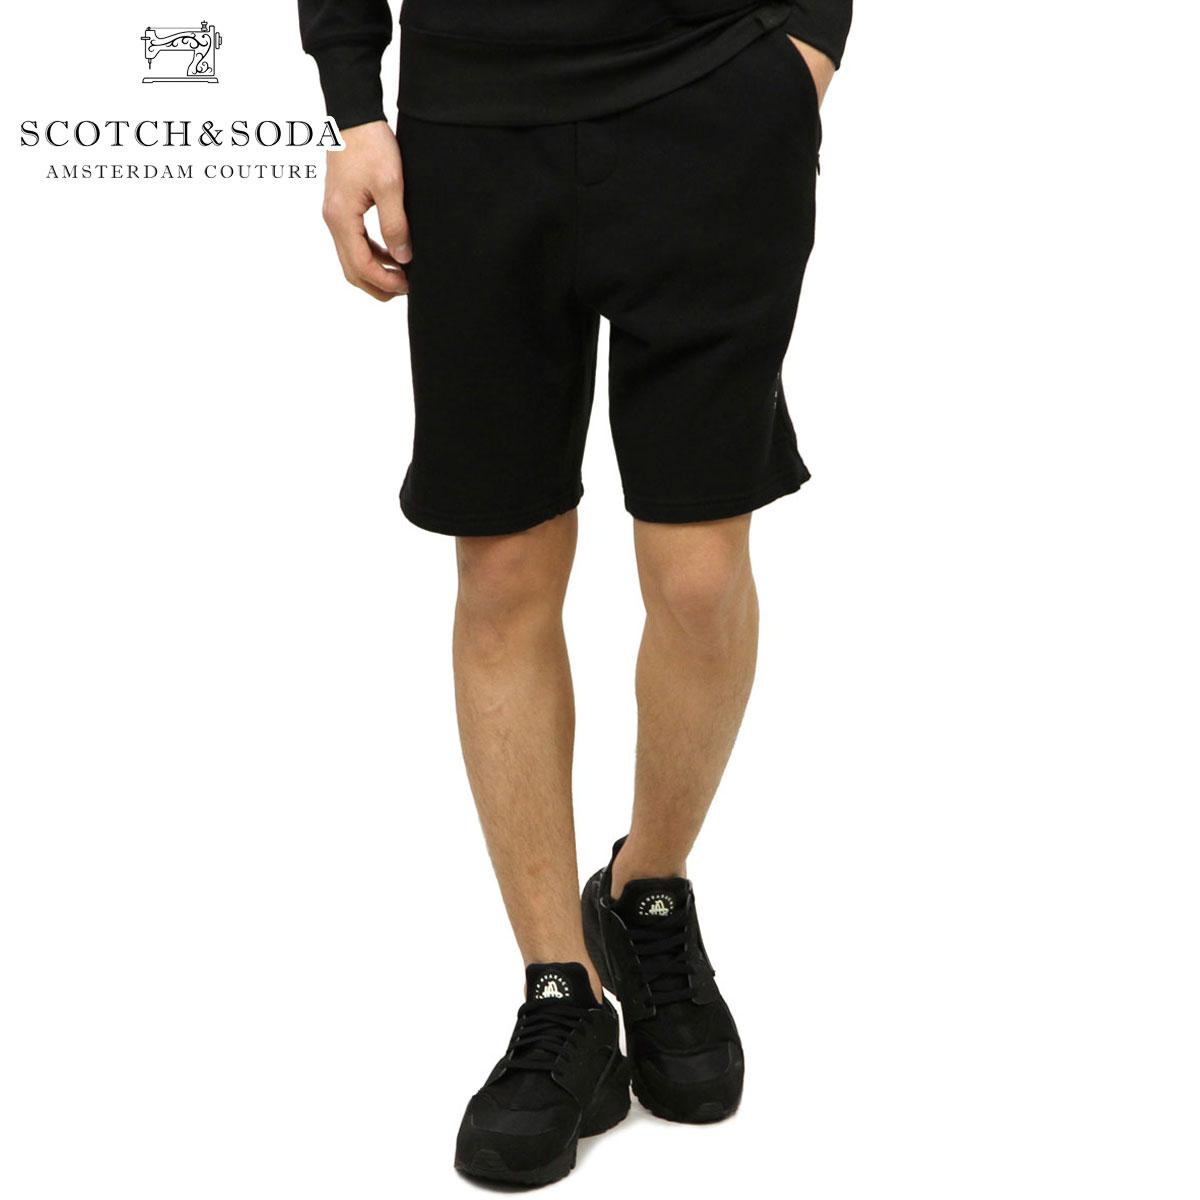 スコッチアンドソーダ スウェット メンズ 正規販売店 SCOTCH&SODA トレーナー ハーフパンツ CLUB NOMADE SWEAT SHORT 141238 90 52500 BLACK D